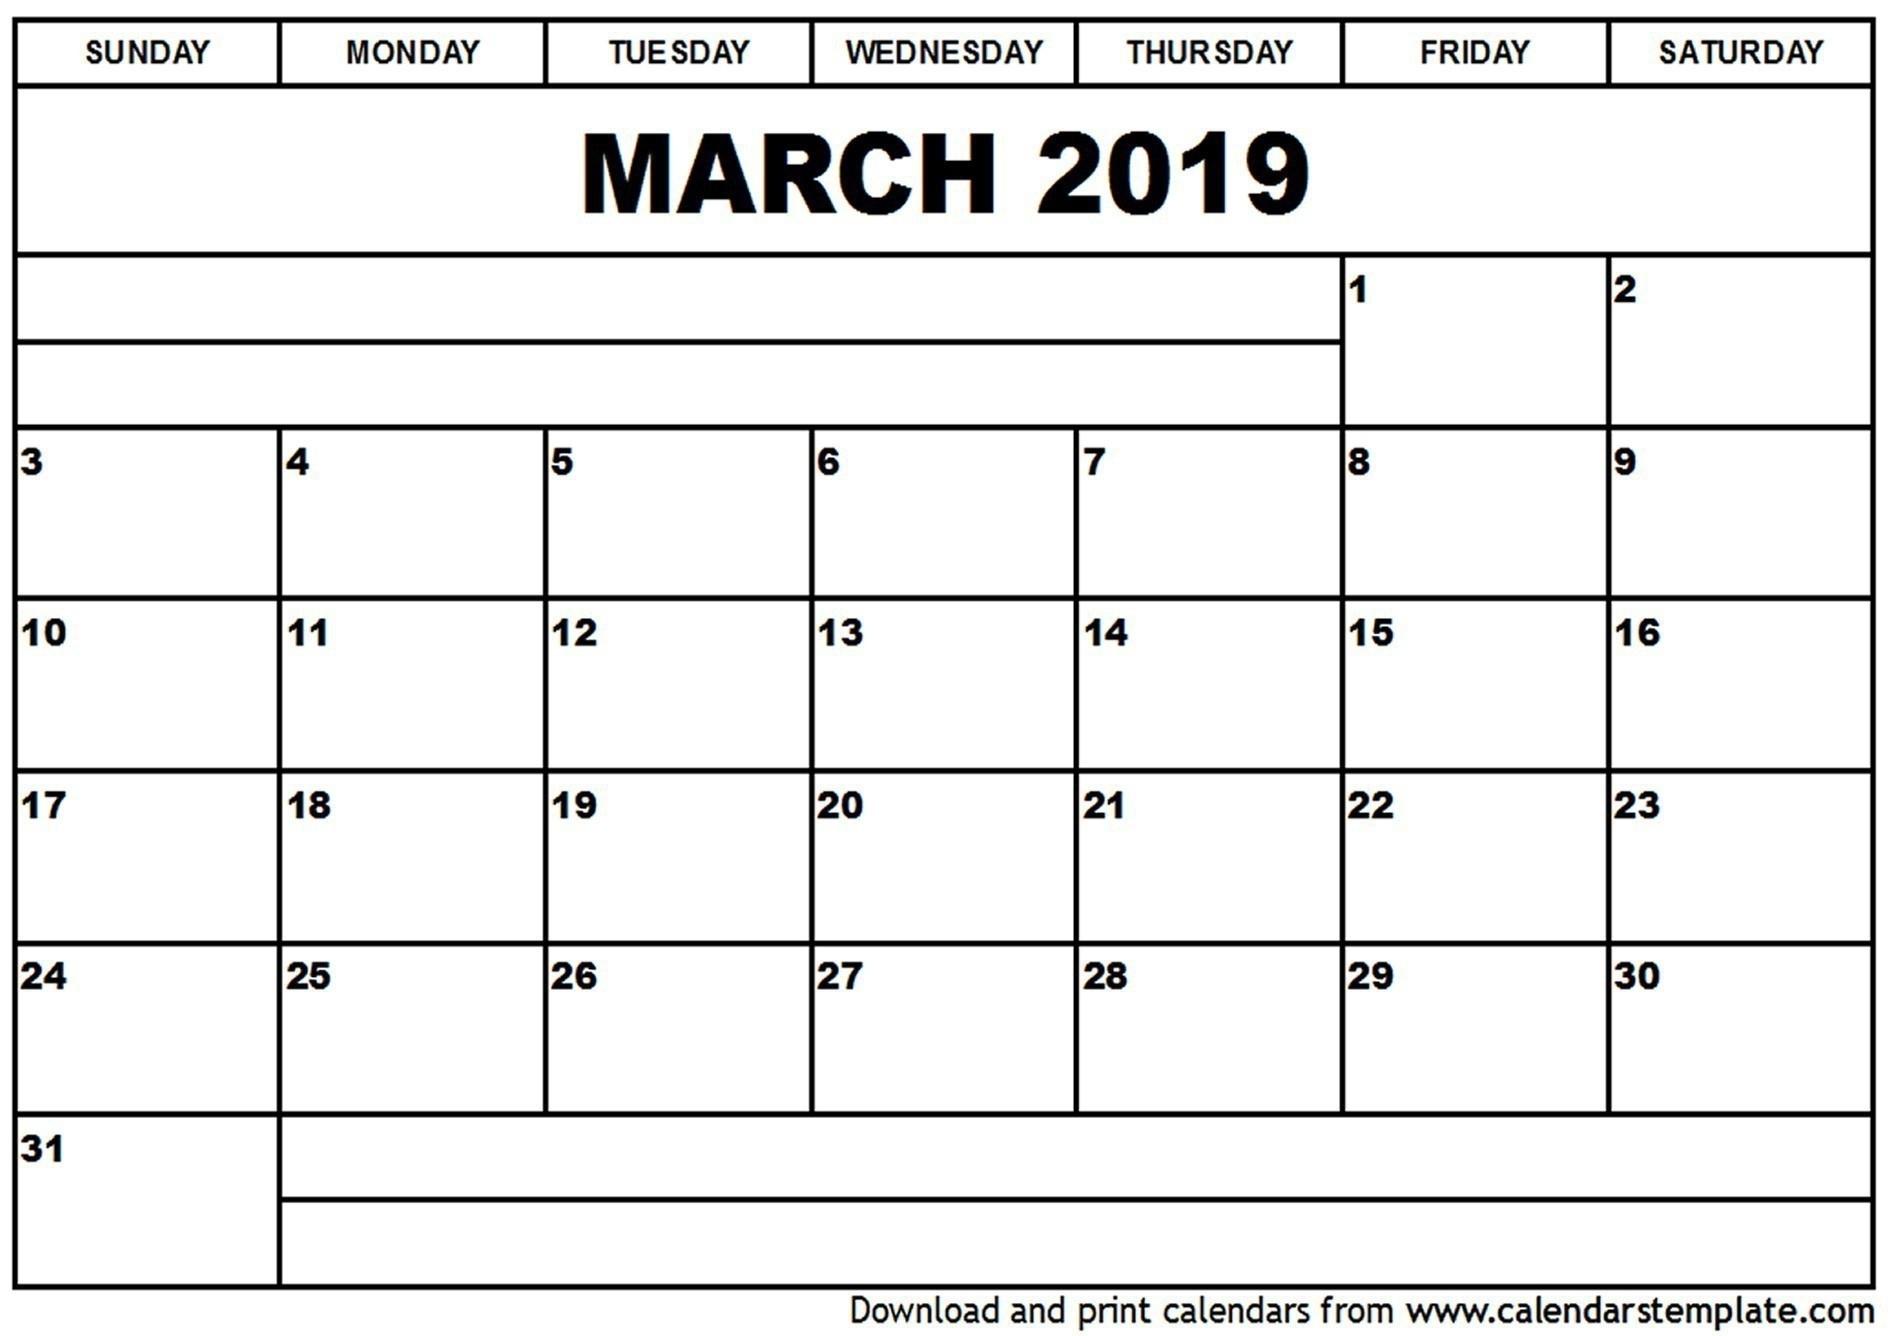 March Calendar Of 2019 Más Recientes Gujarati Calendar 2019 Printable Printed For No Cost Gujarati Calendar 2021 November